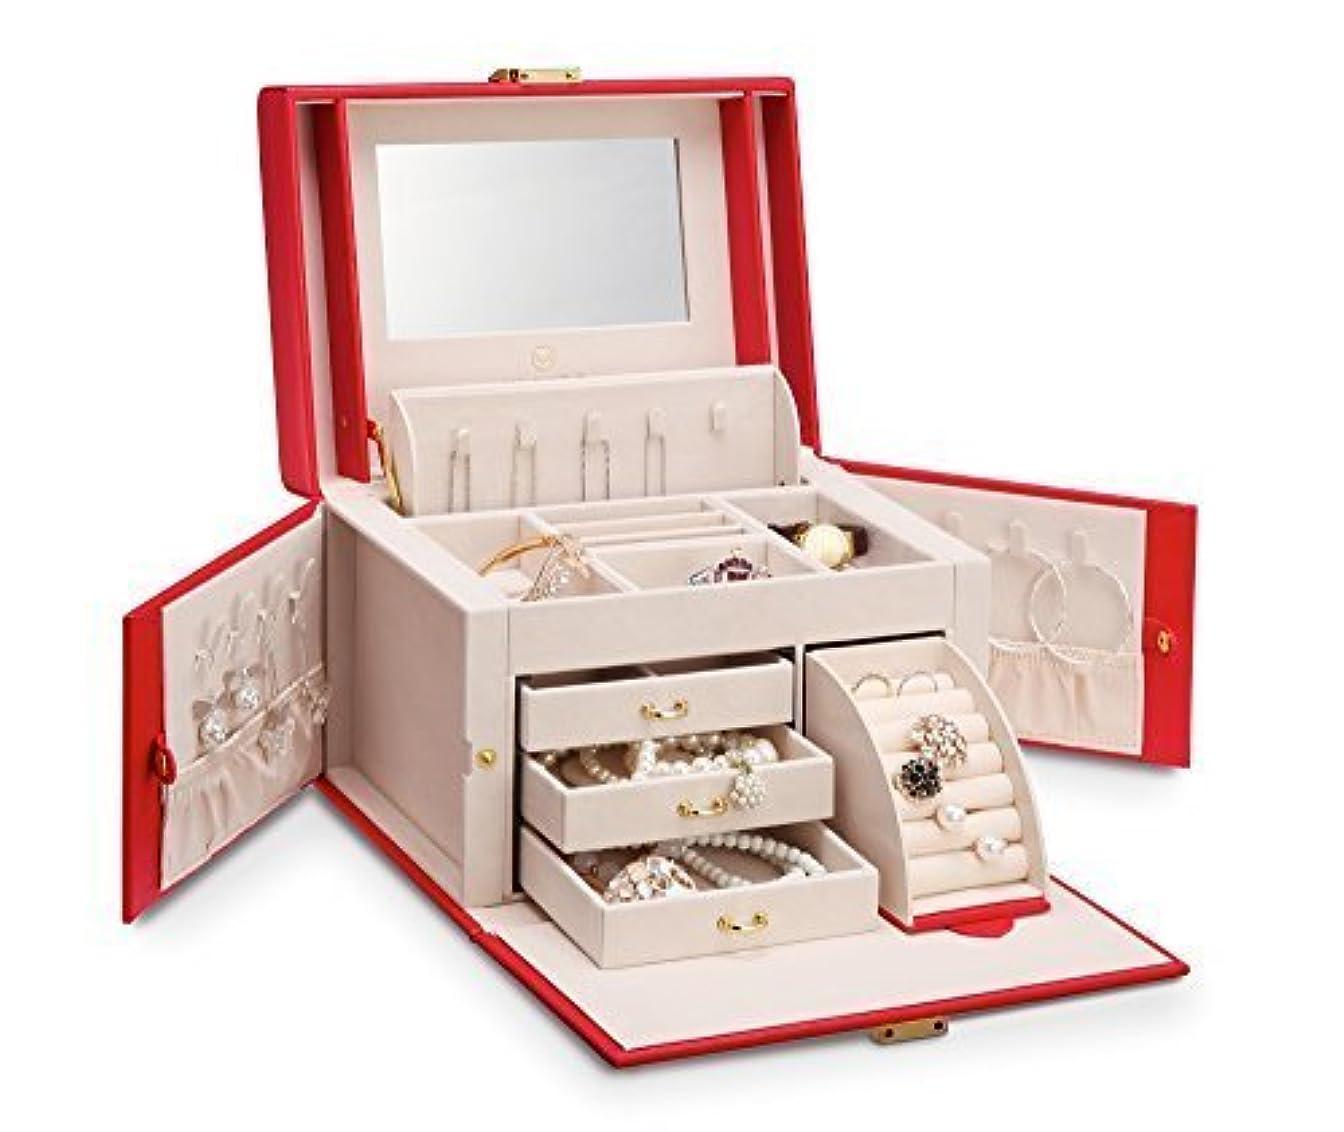 出会い知事傑作Vlando ジュエリーボックス 収納 アクセサリーケース 大容量の宝石箱 ミラー 鏡付き ピアス ネックレス 指輪 リング アクセサリー 指輪置き ジュエリーバッグ 6色 (赤)